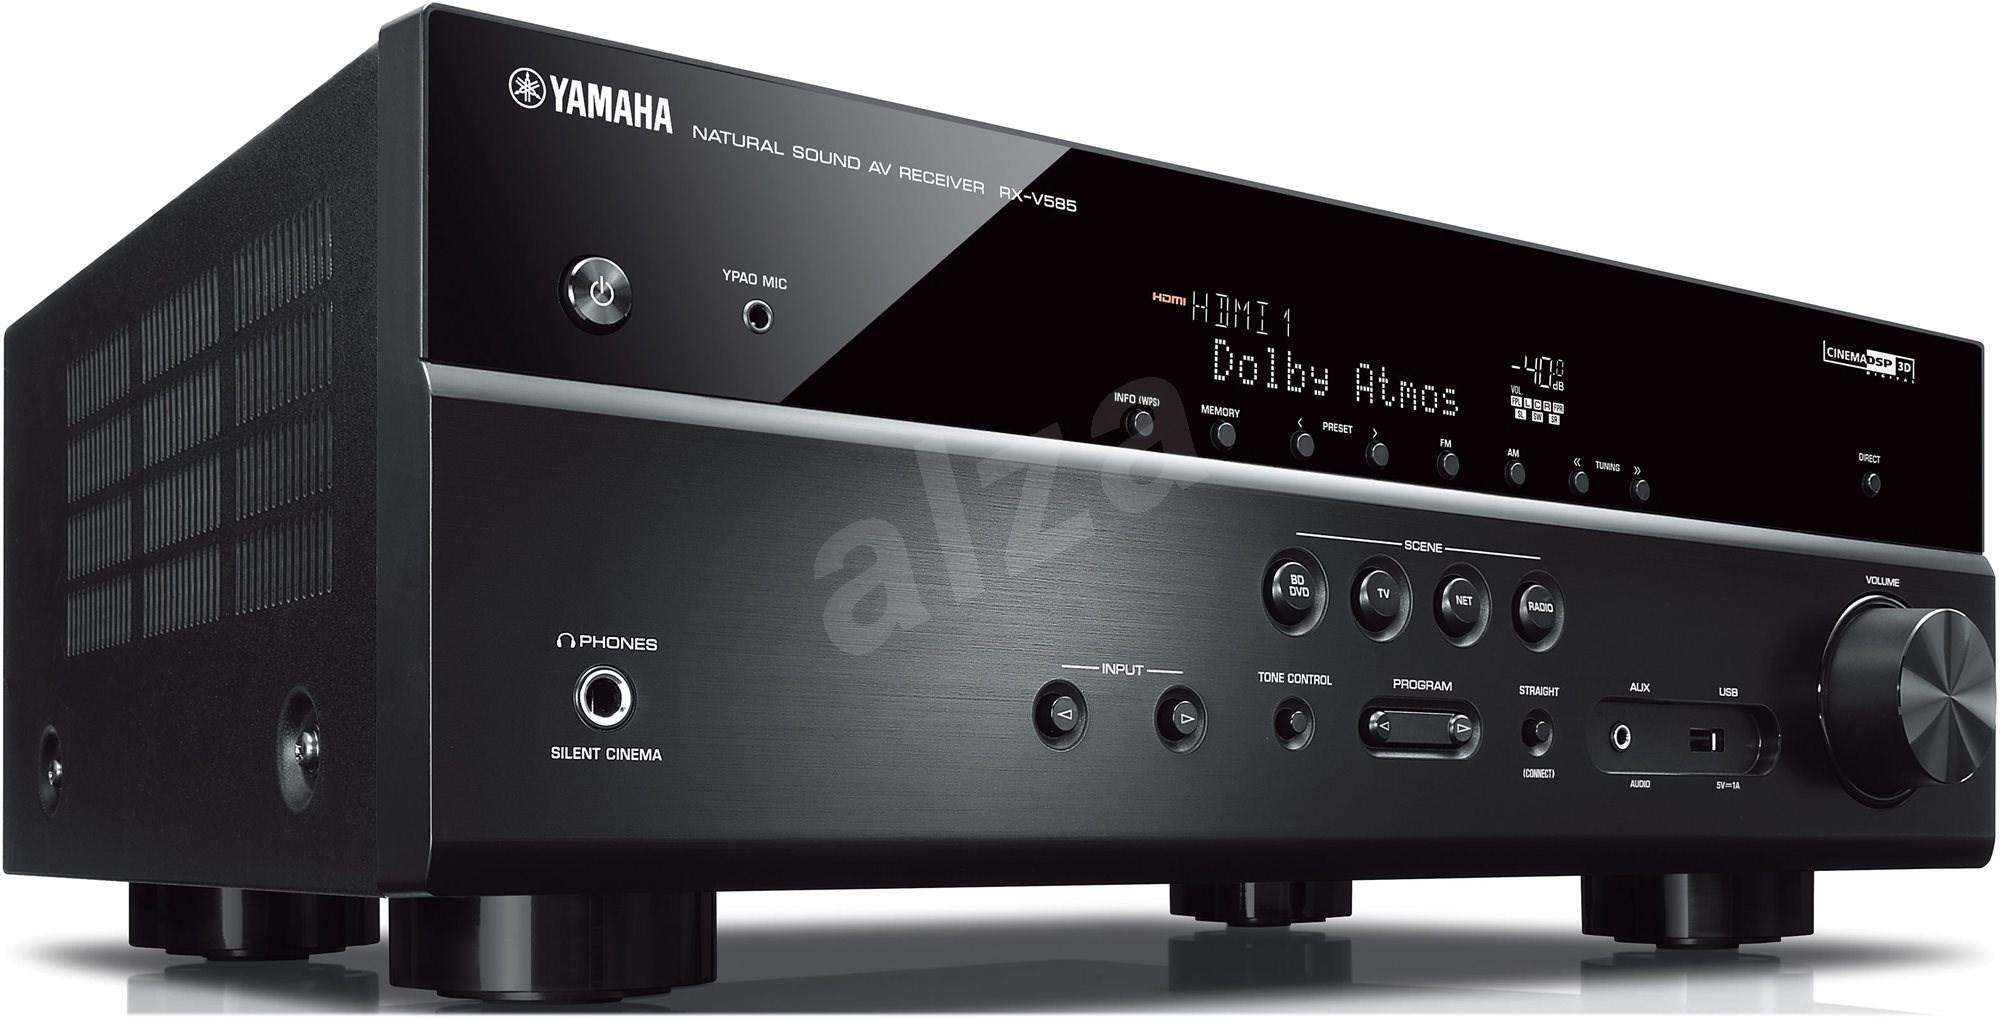 yamaha rx v585 ern av receiver. Black Bedroom Furniture Sets. Home Design Ideas